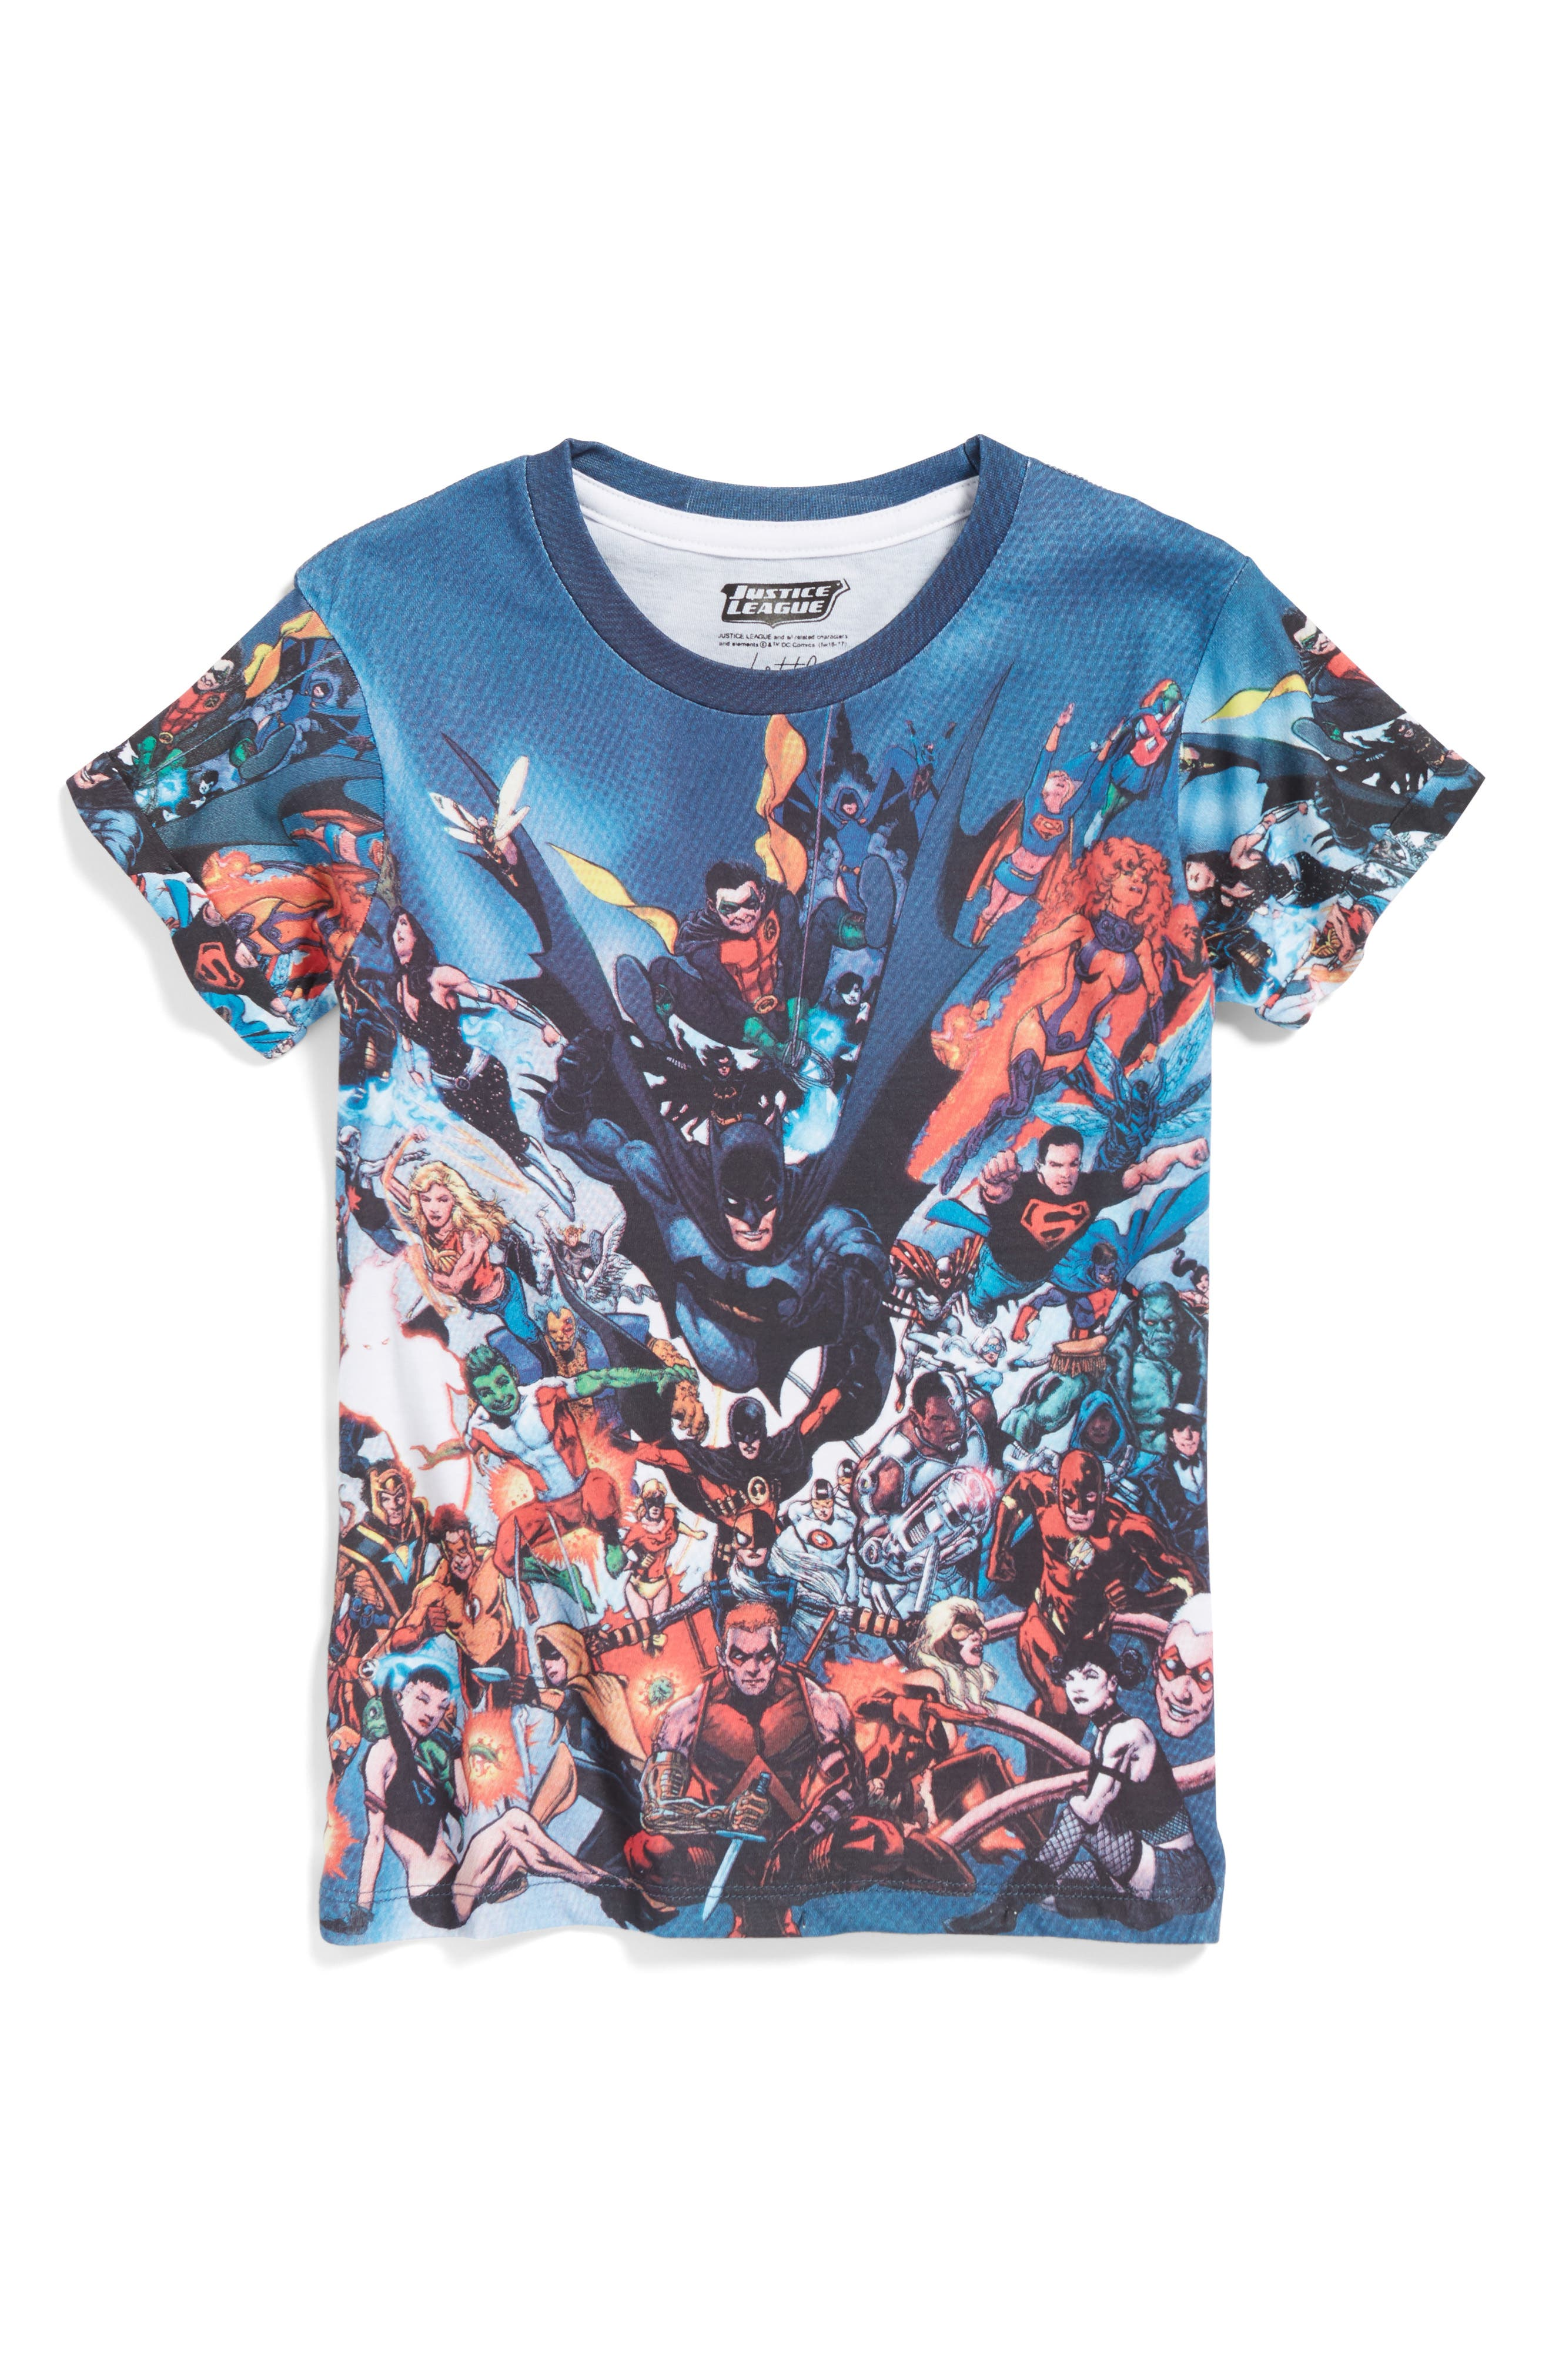 Little ELEVENPARIS Justice League Superhero T-Shirt (Toddler Boys, Little Boys & Big Boys)